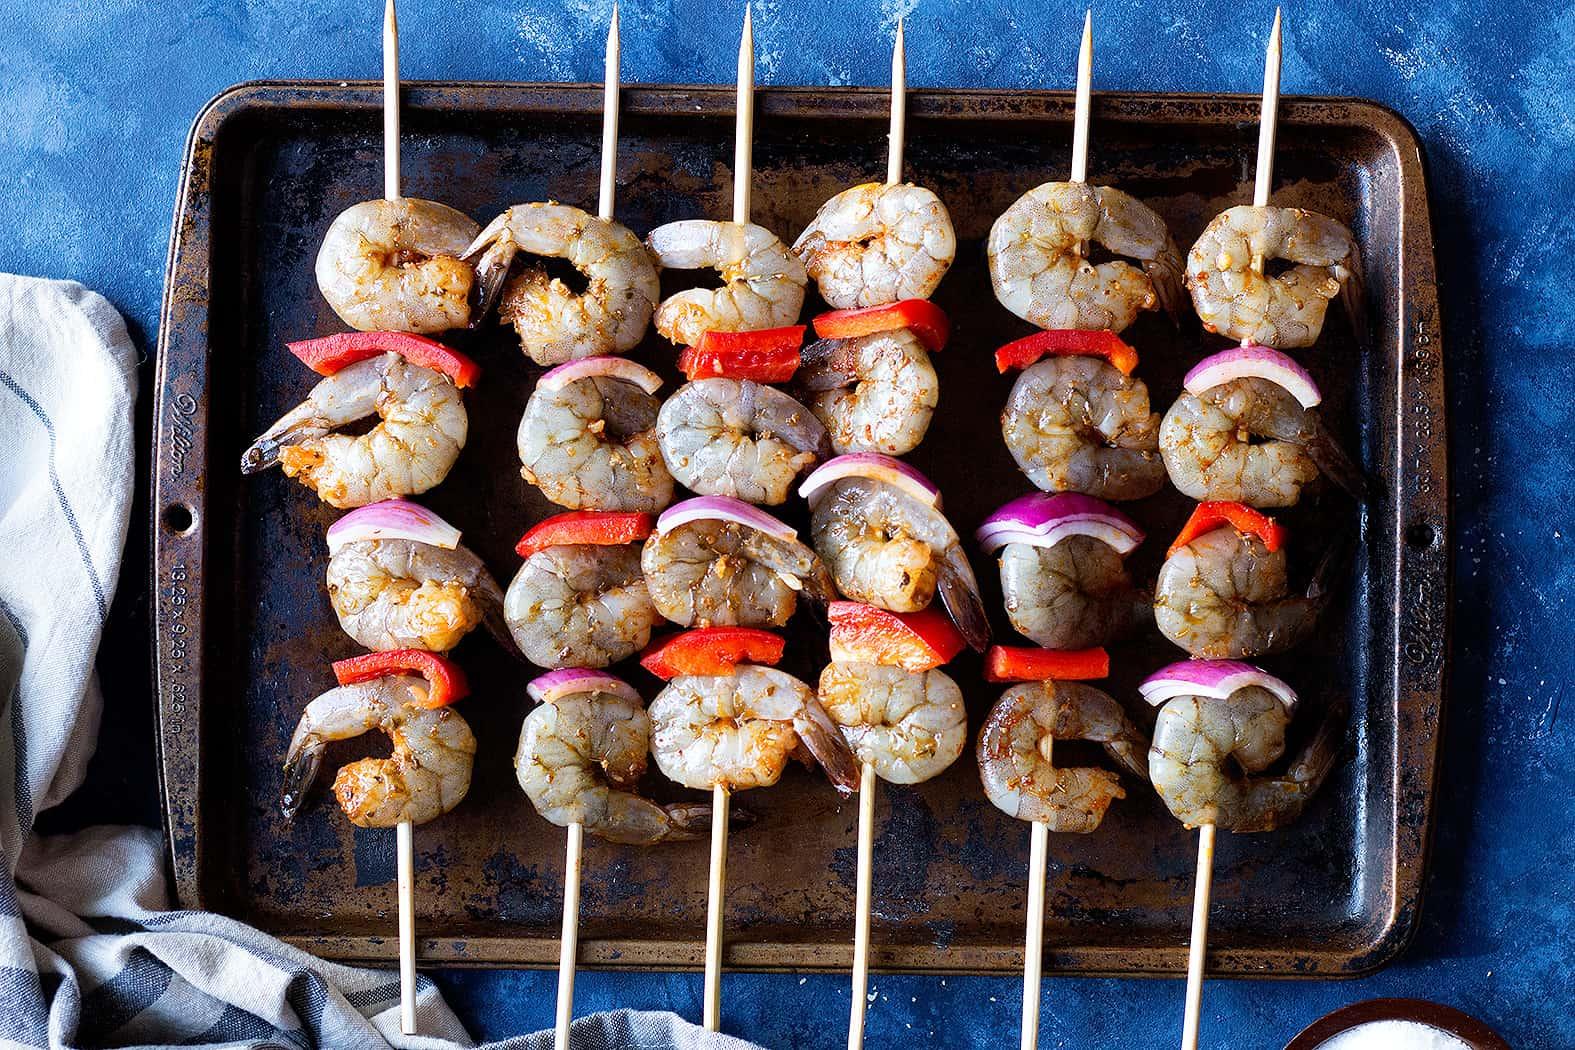 thread marinated shrimp onto skewers